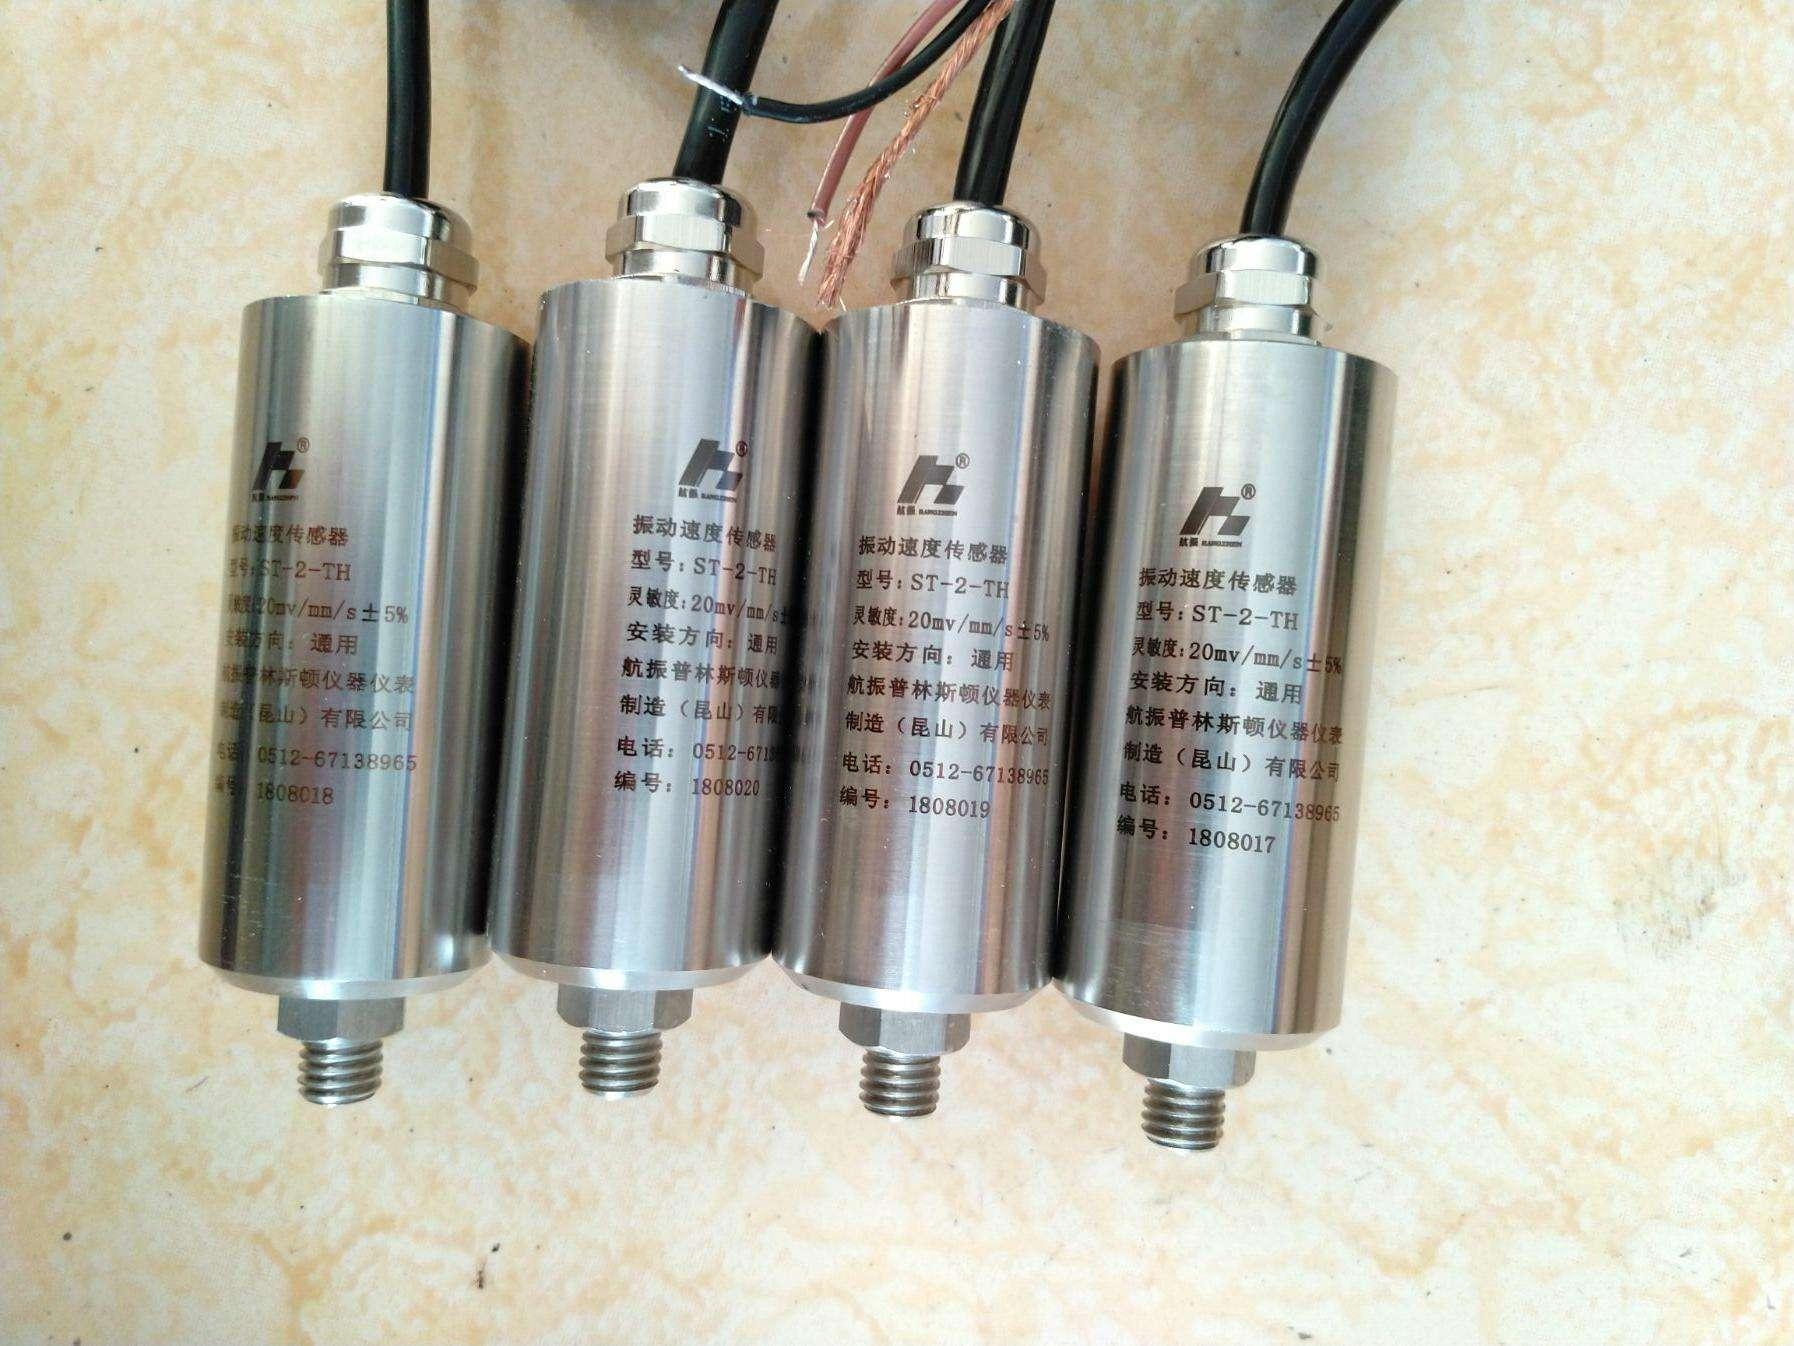 产品涉及各类速度传感器、位置传感器等,驭芯传感器项目在邳州投产